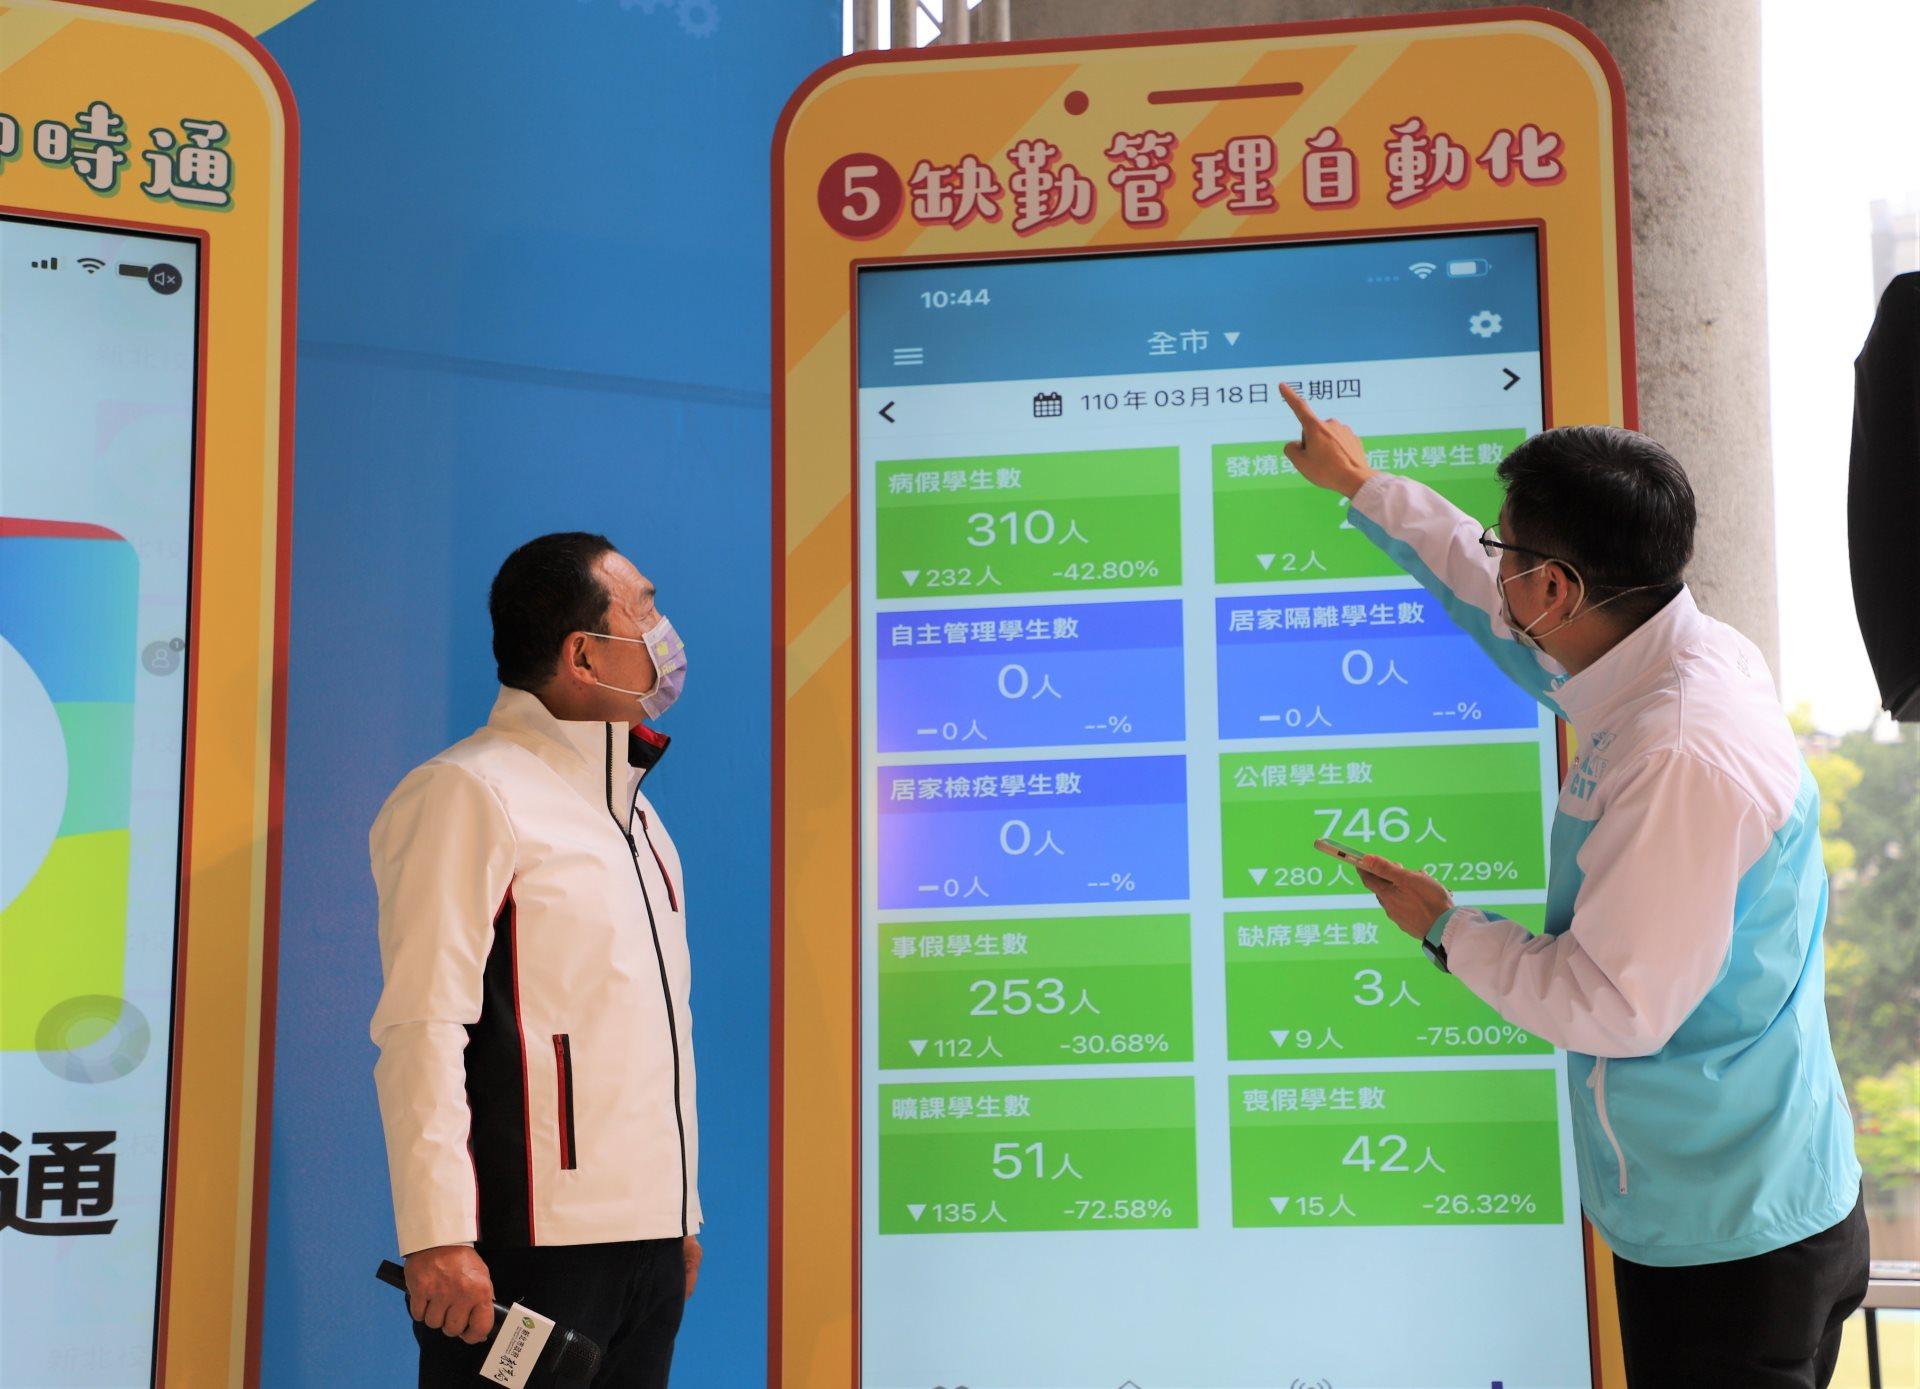 新北校園APP「上課yo!」啟用   首創數位點名智慧校園